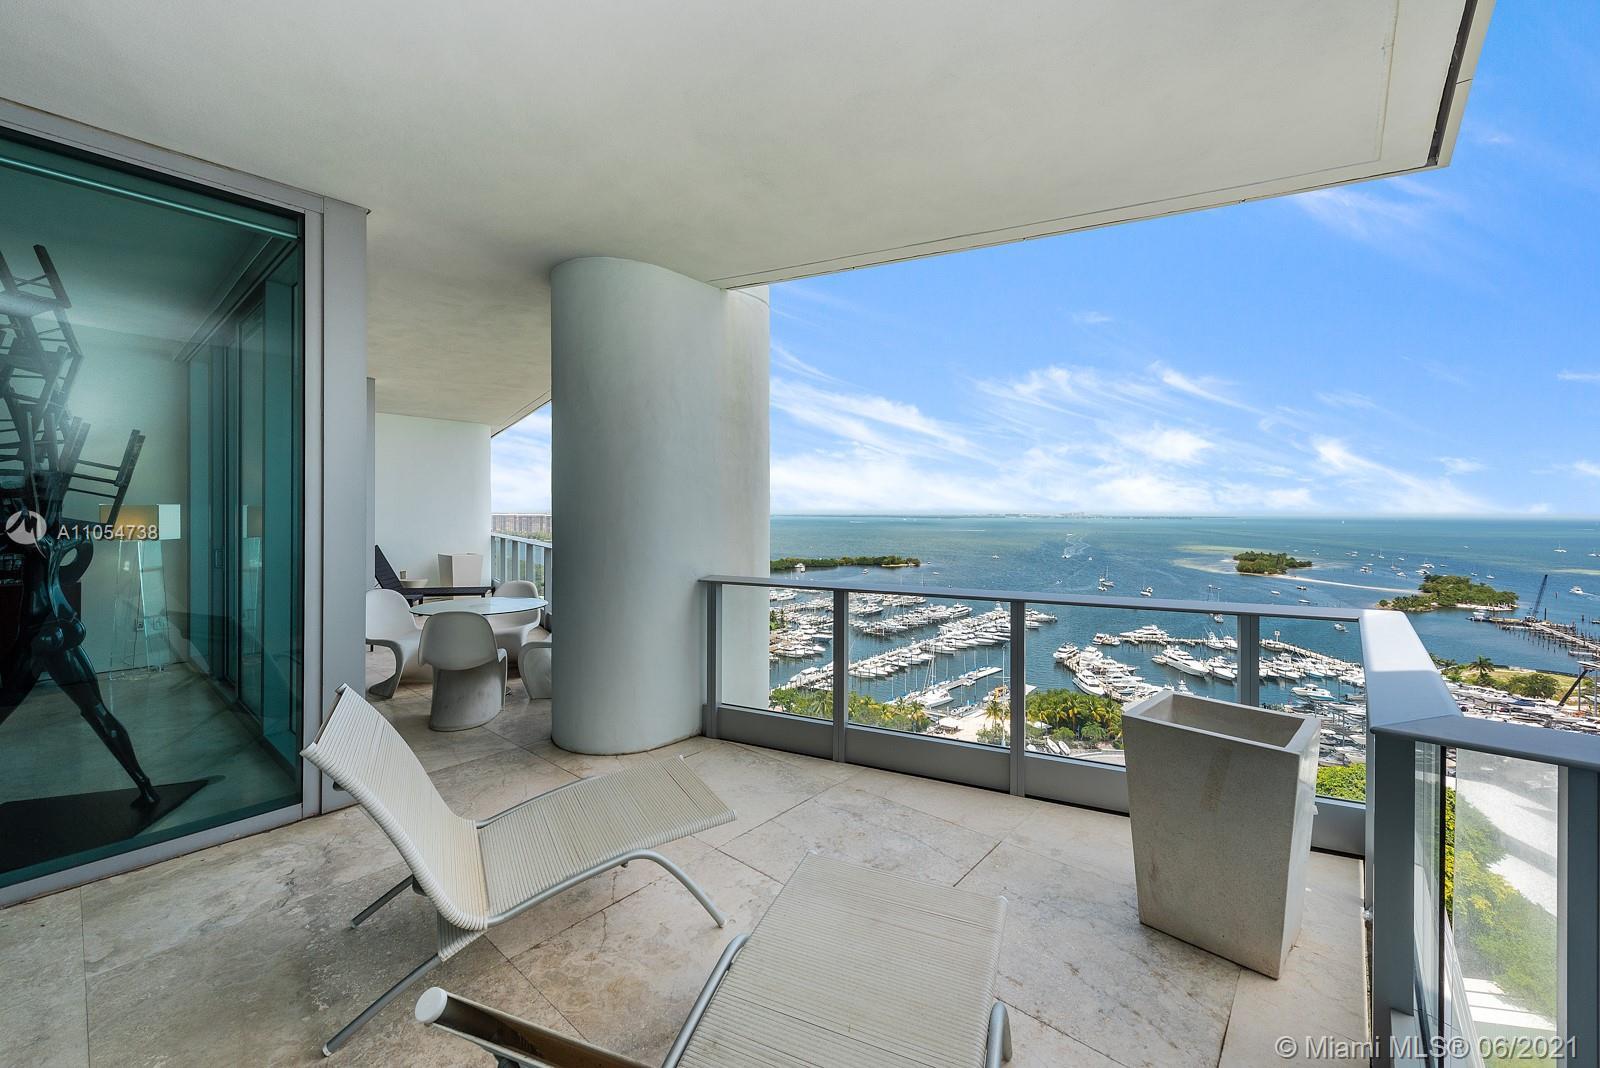 Grovenor House #2406 - 2627 S Bayshore Dr #2406, Miami, FL 33133